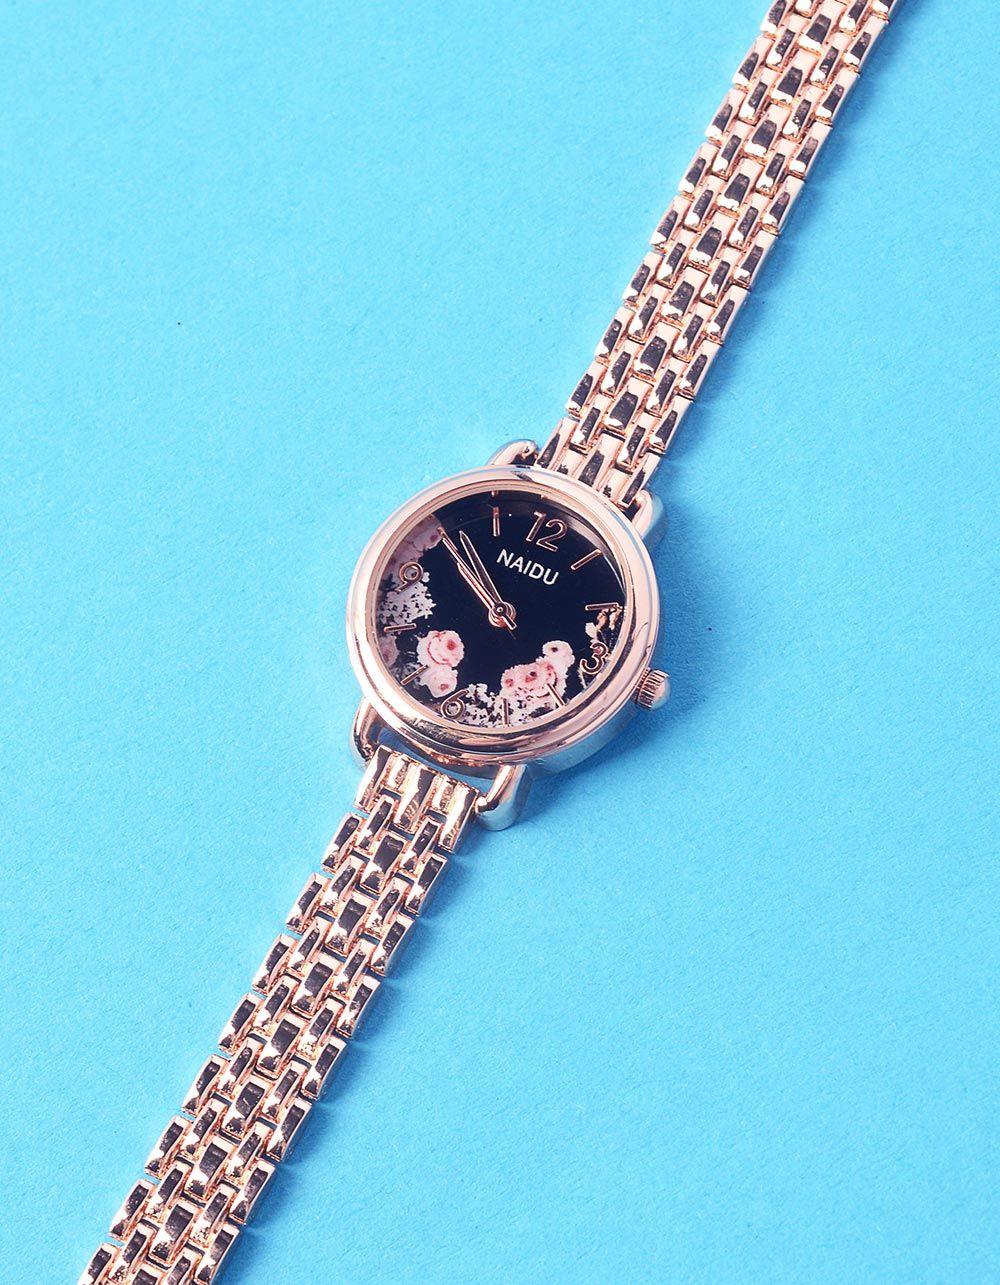 Годинник з квітковим принтом та металевим ремінцем | 237268-09-XX